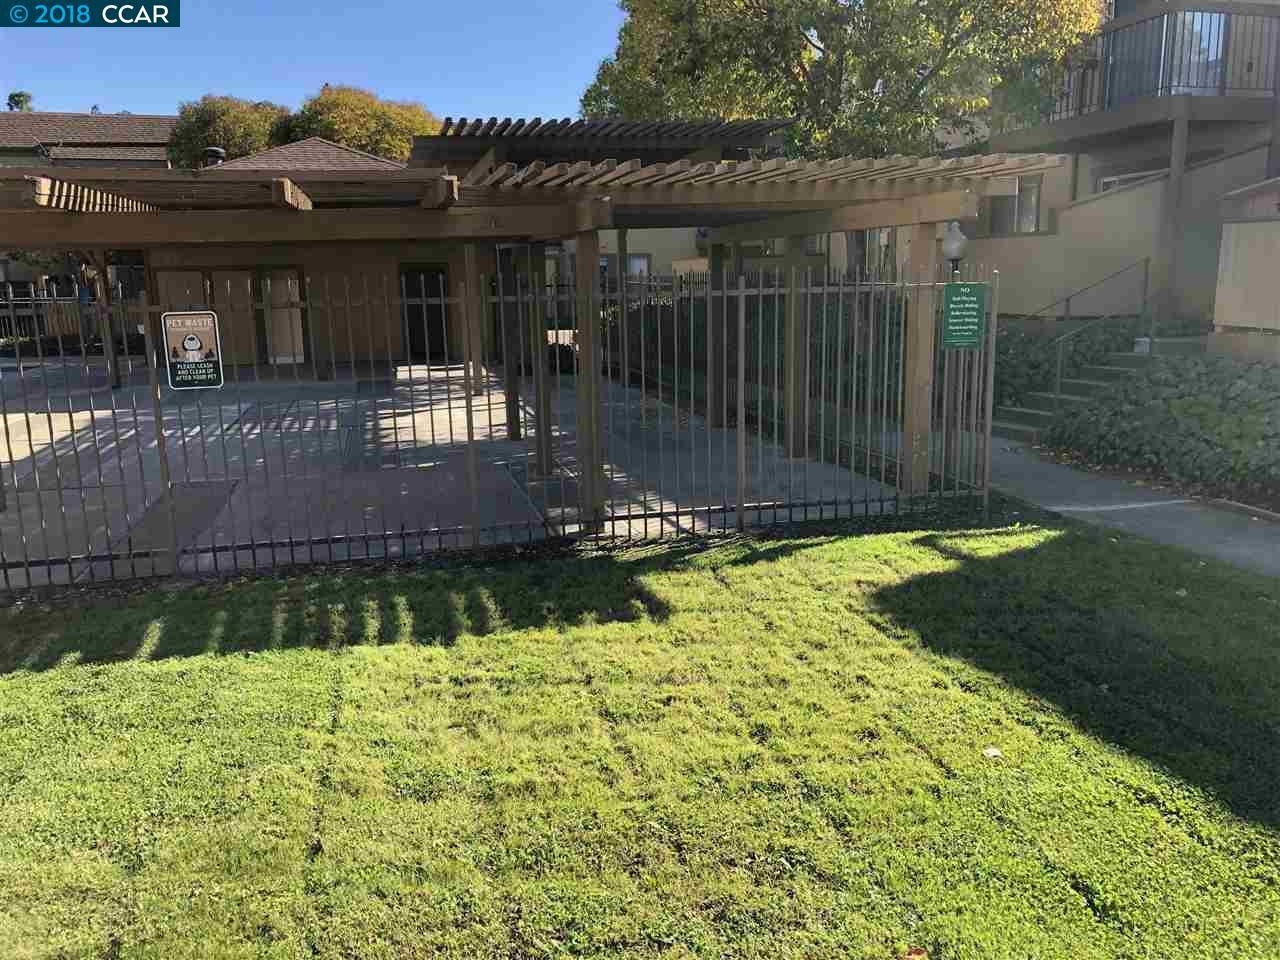 5311 Ridgeview Cir #7 El Sobrante, CA 94803